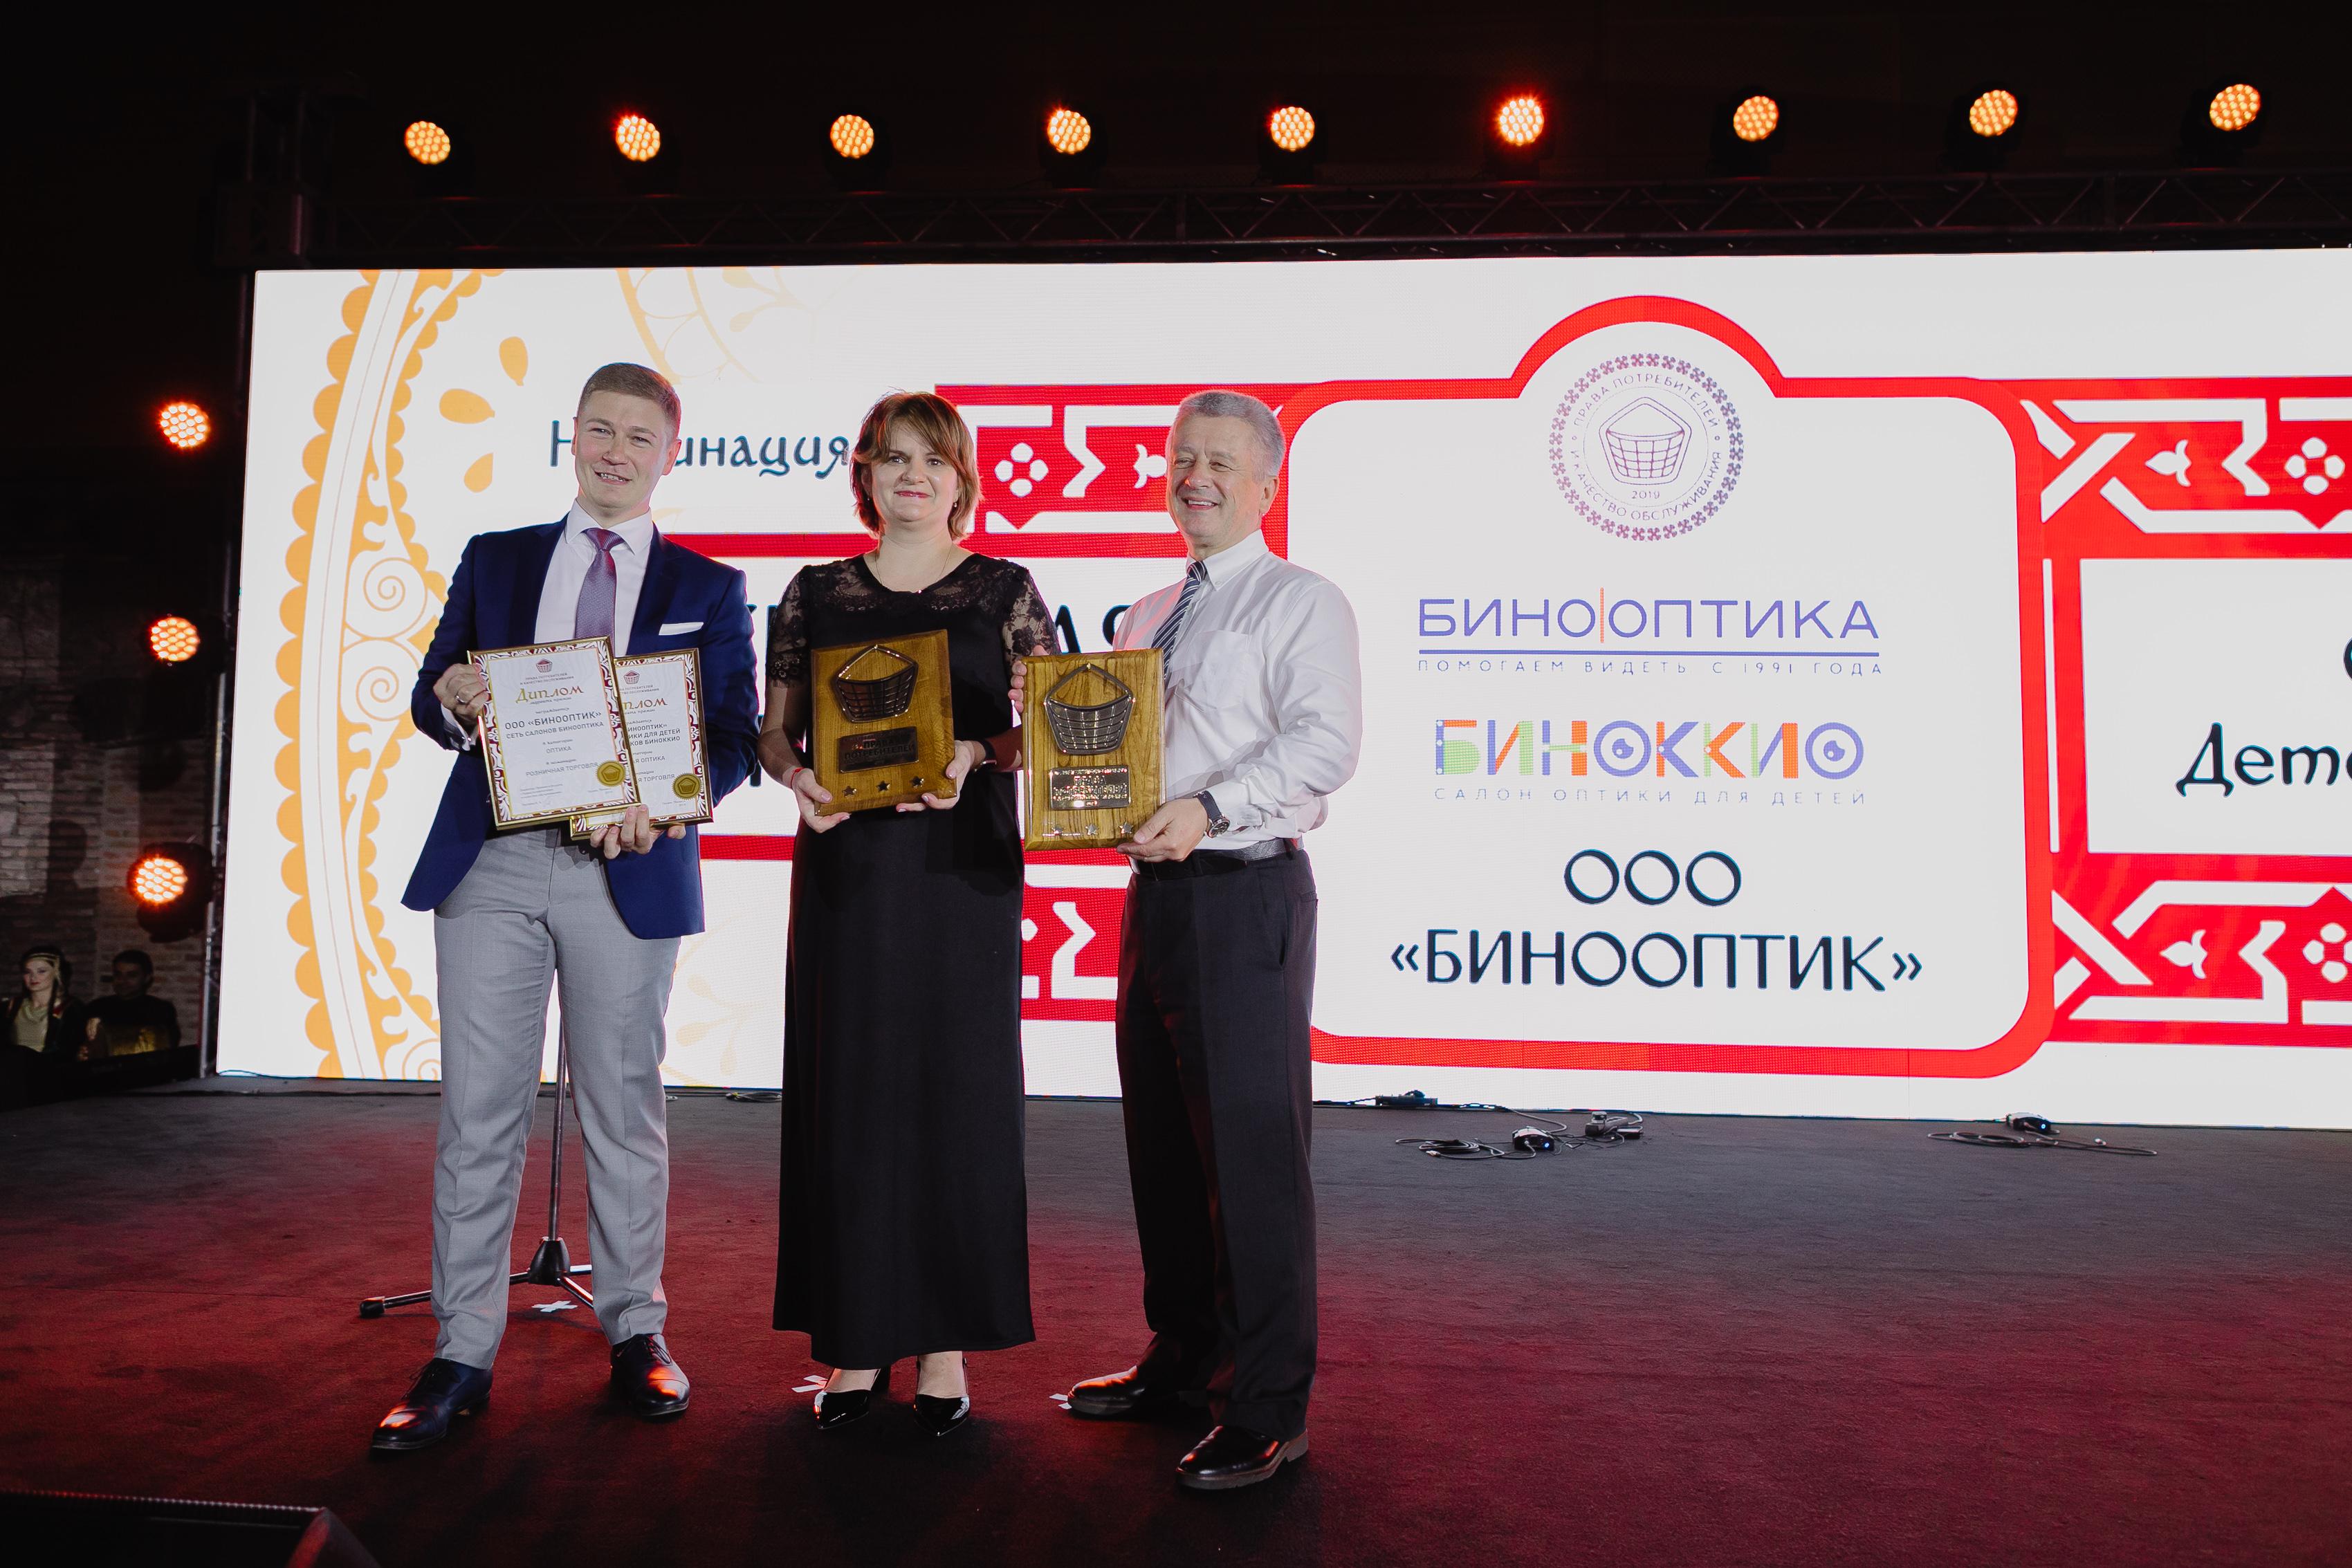 Валентина Щиковская, БИНОККИО